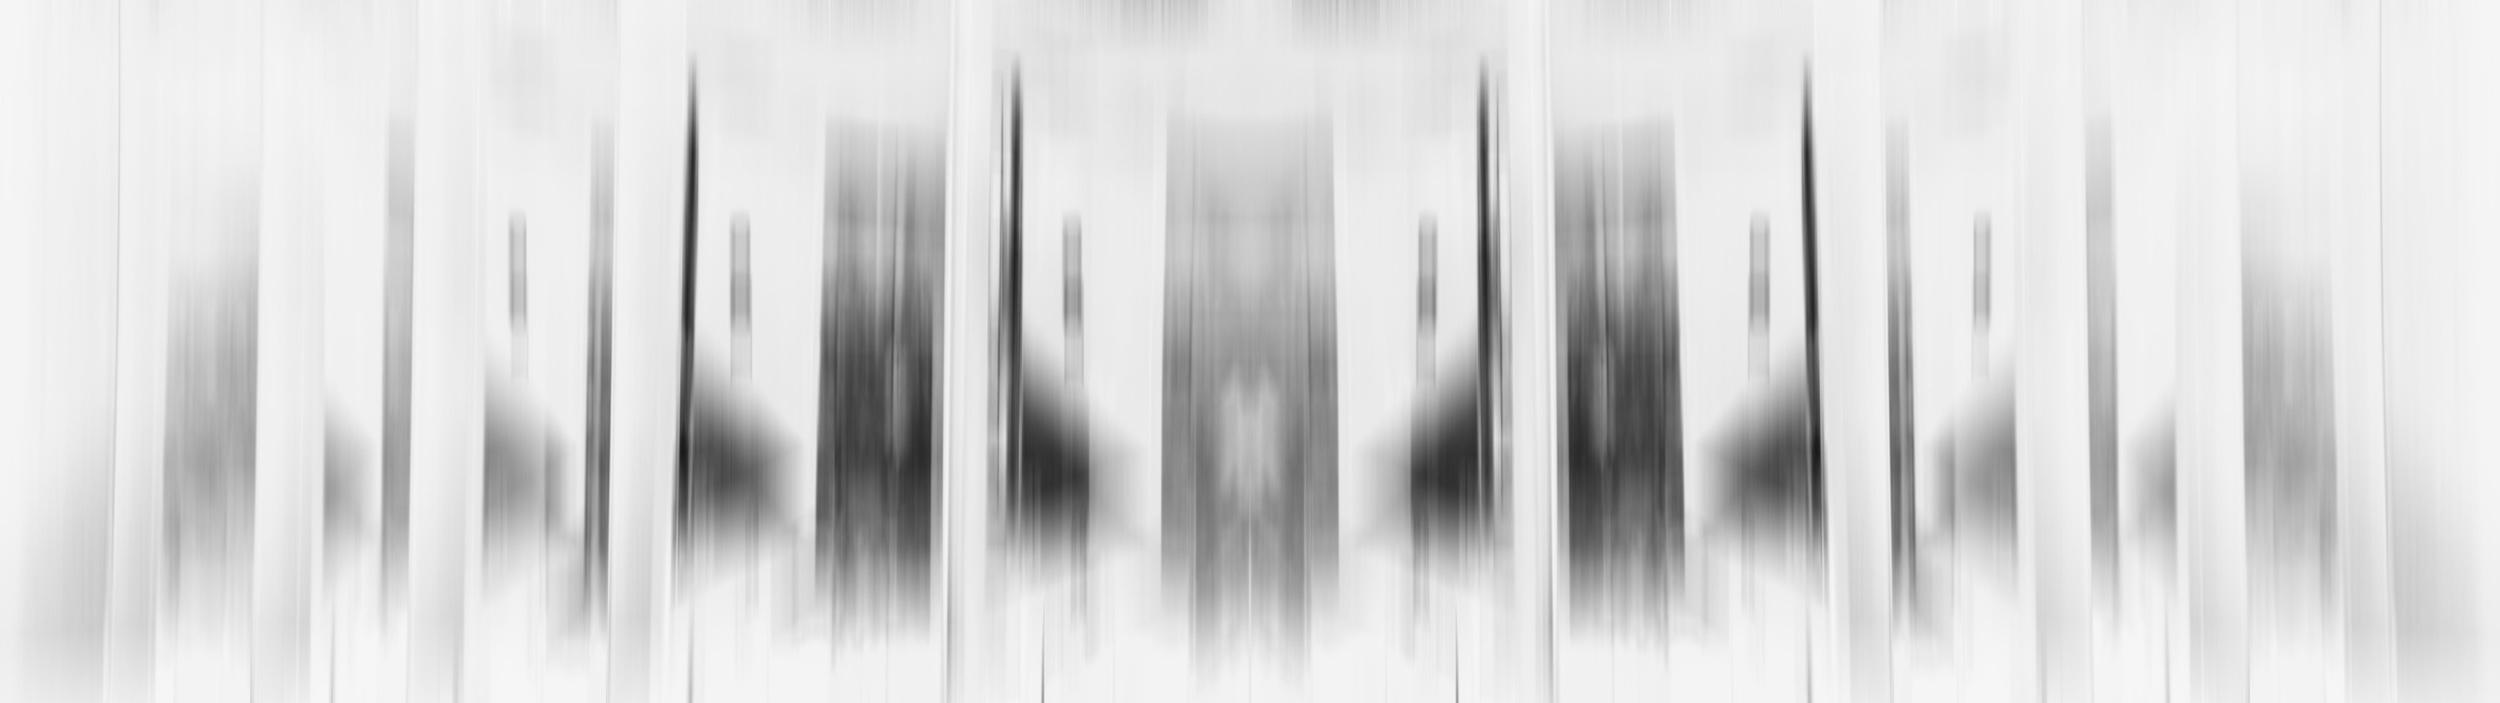 49182-8154681-Modernity-1.jpg